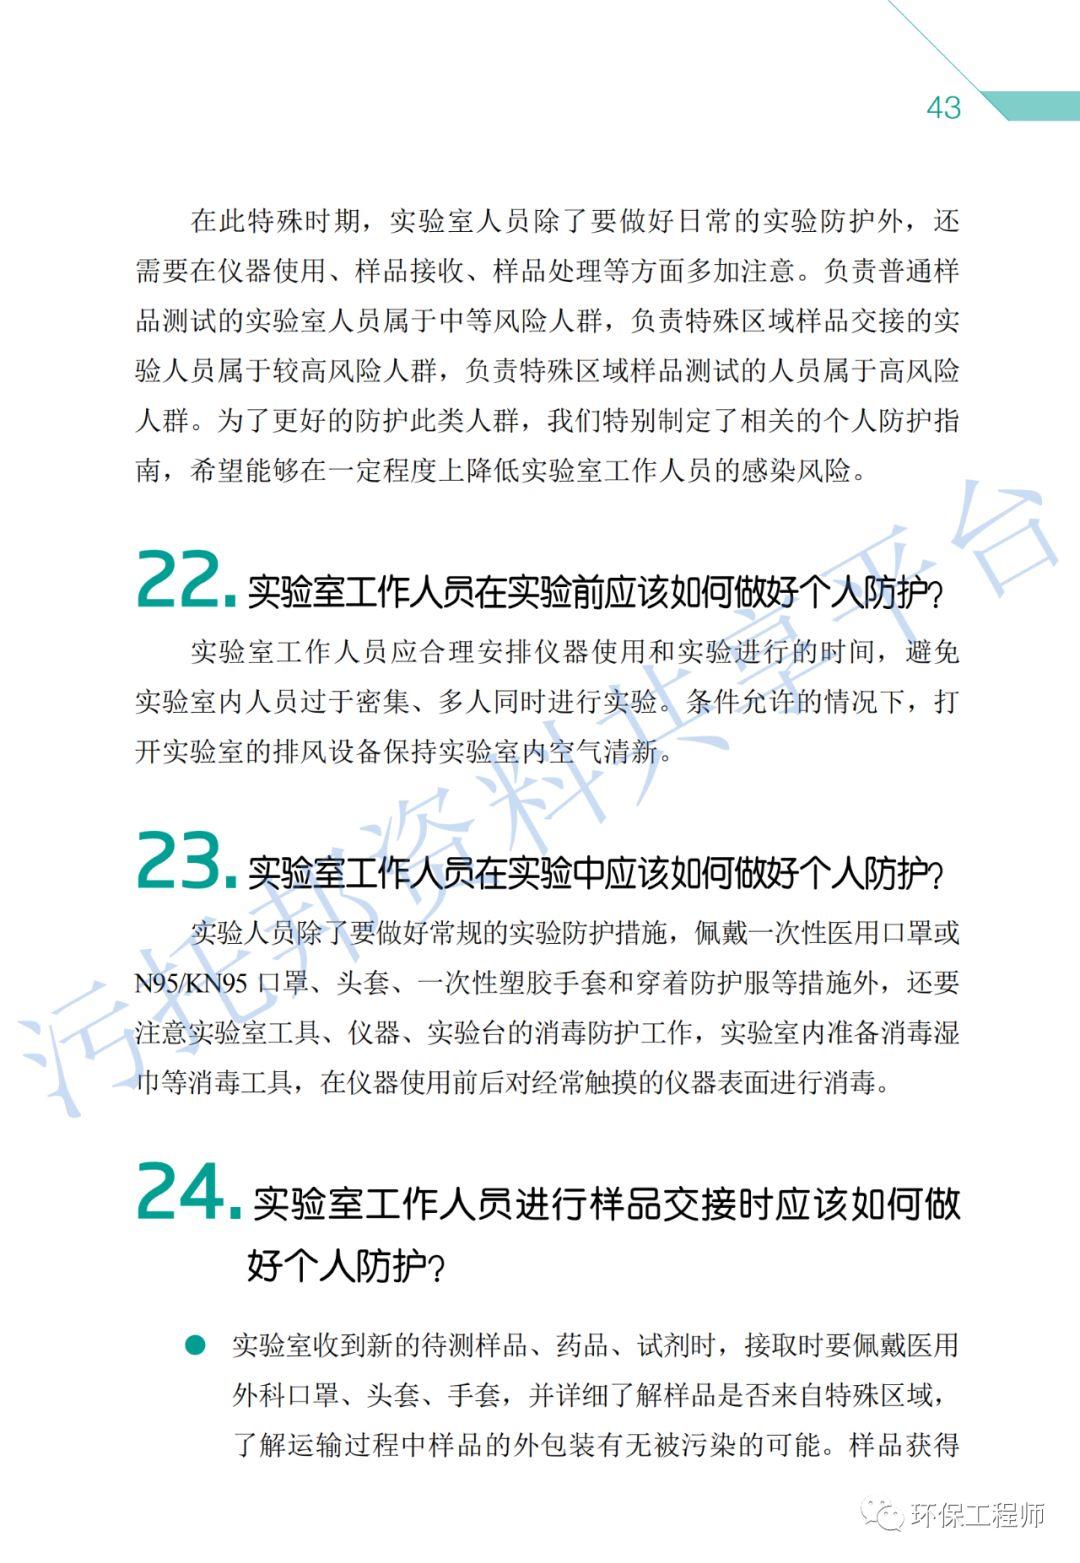 《环保从业人员新型冠状病毒疫情防护手册》_26